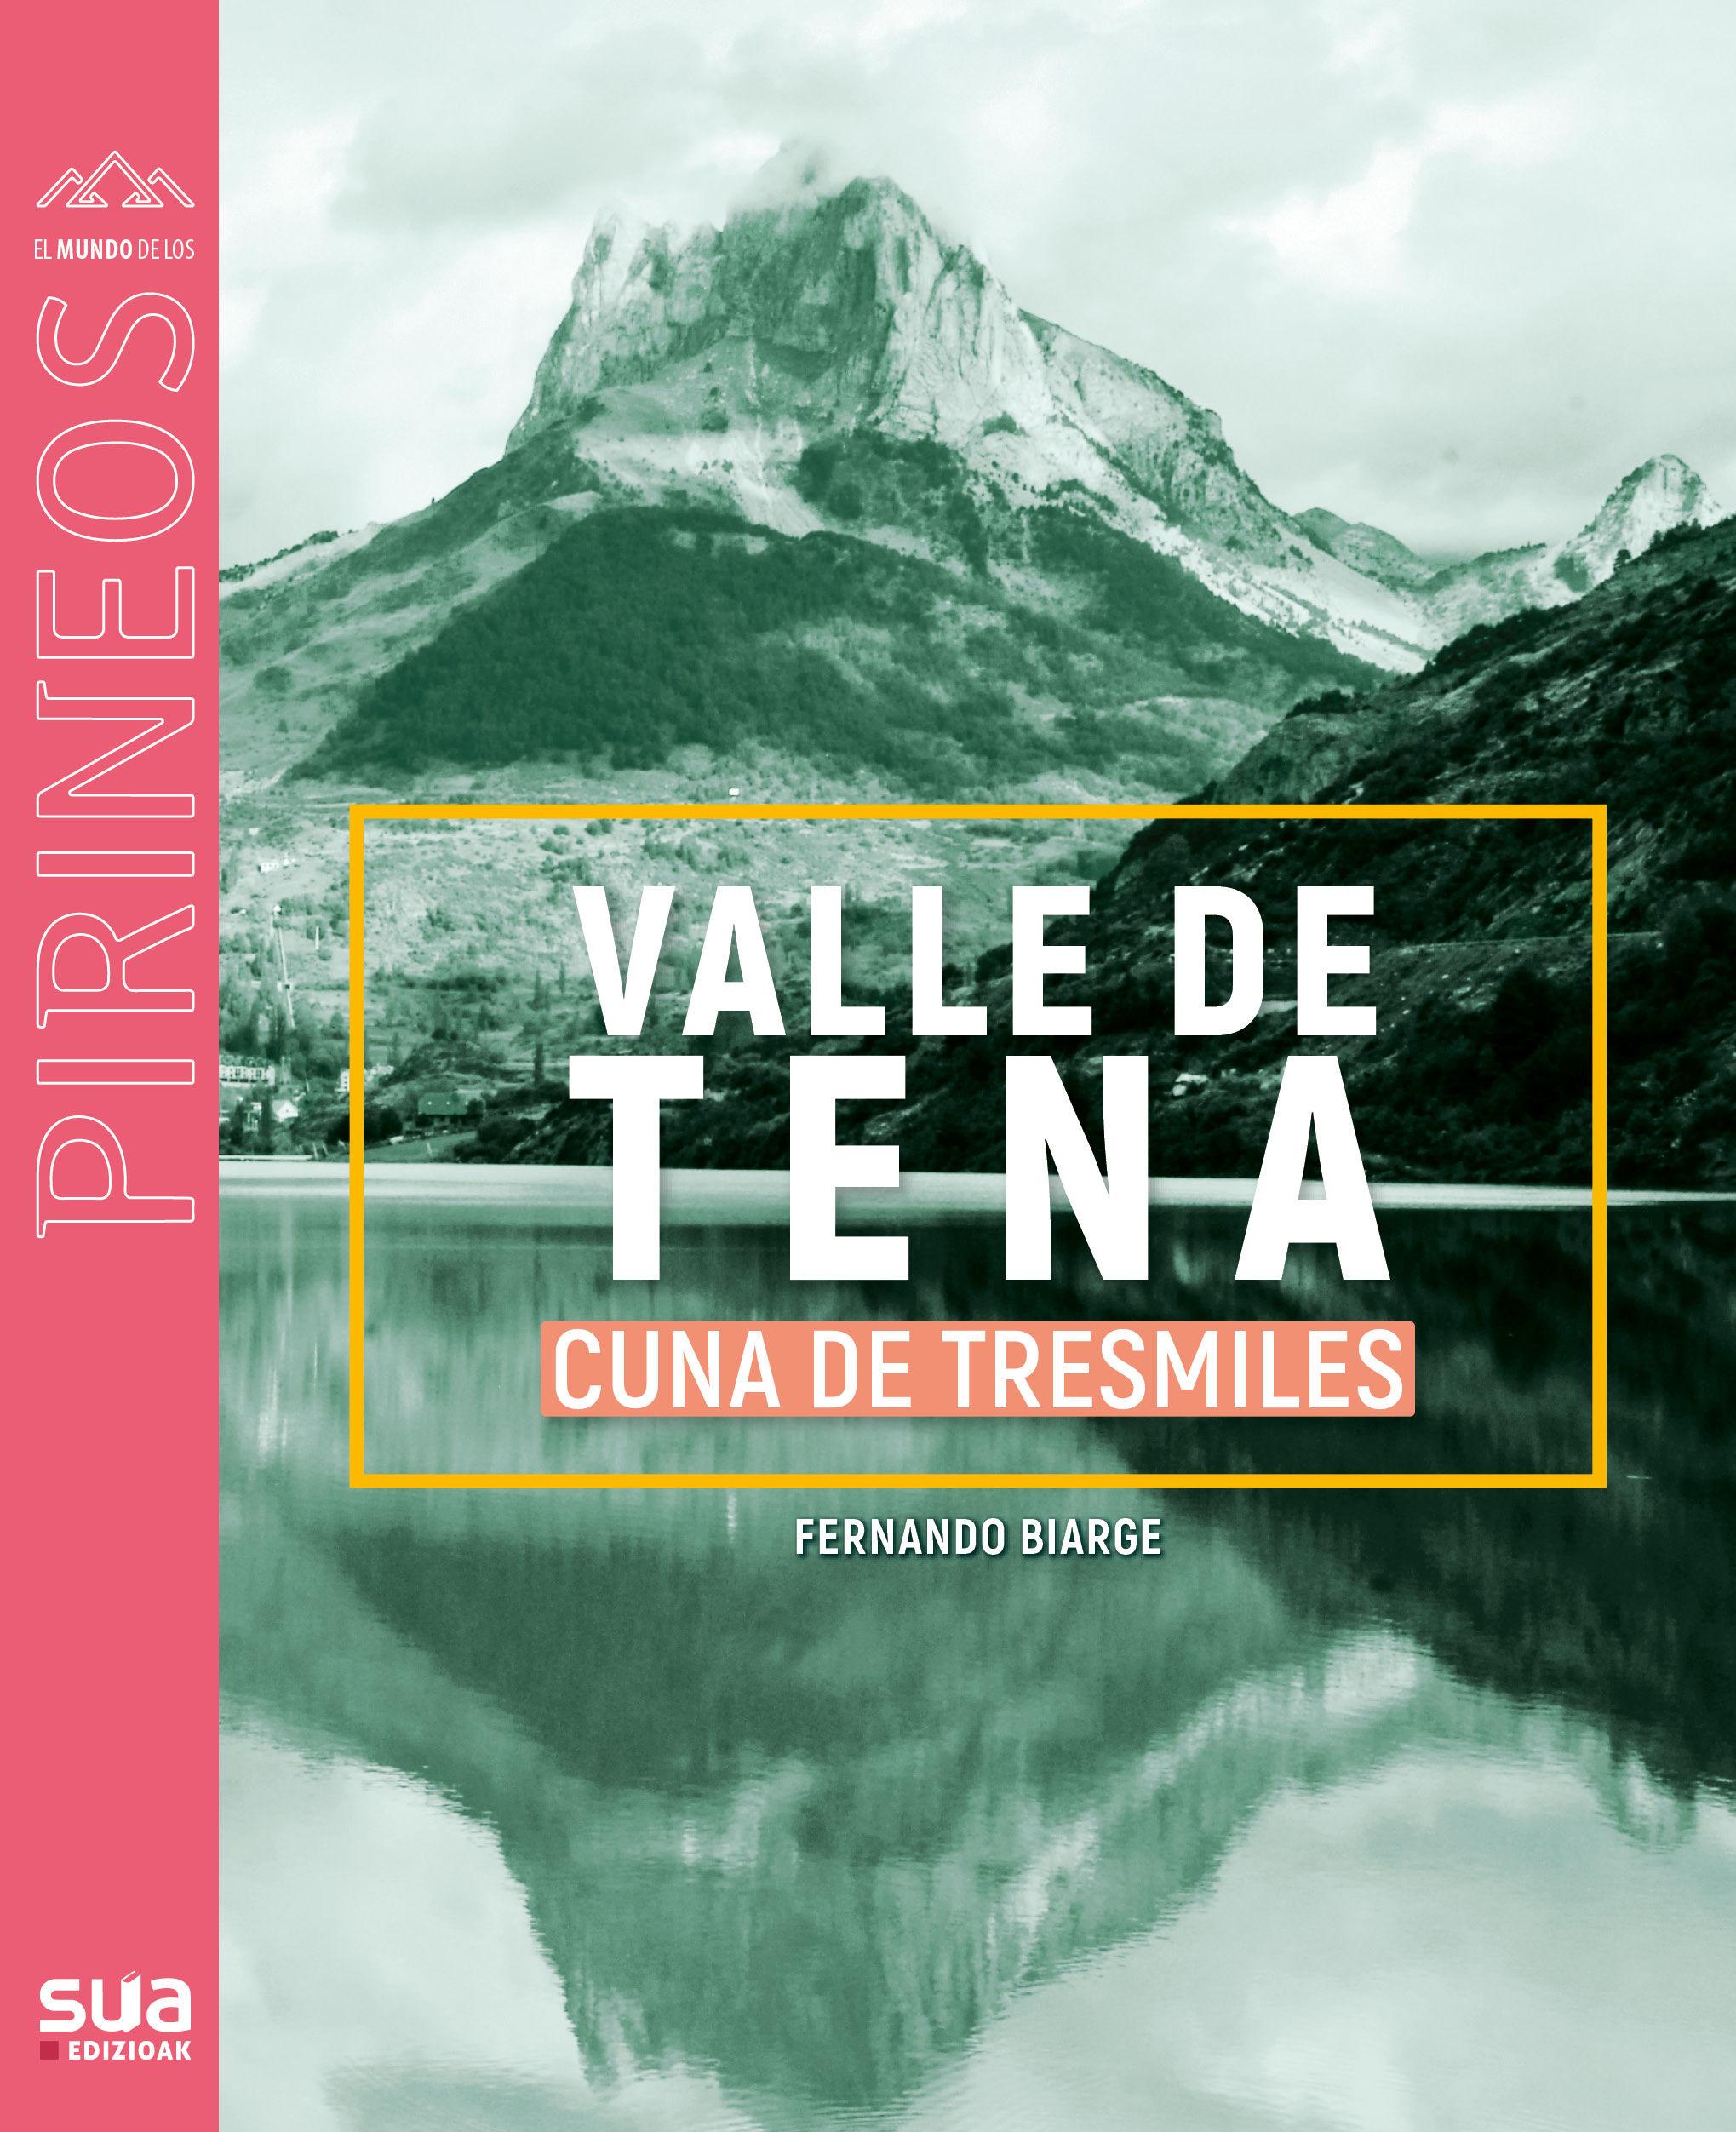 VALLE DE TENA CUNA DE TRESMILES